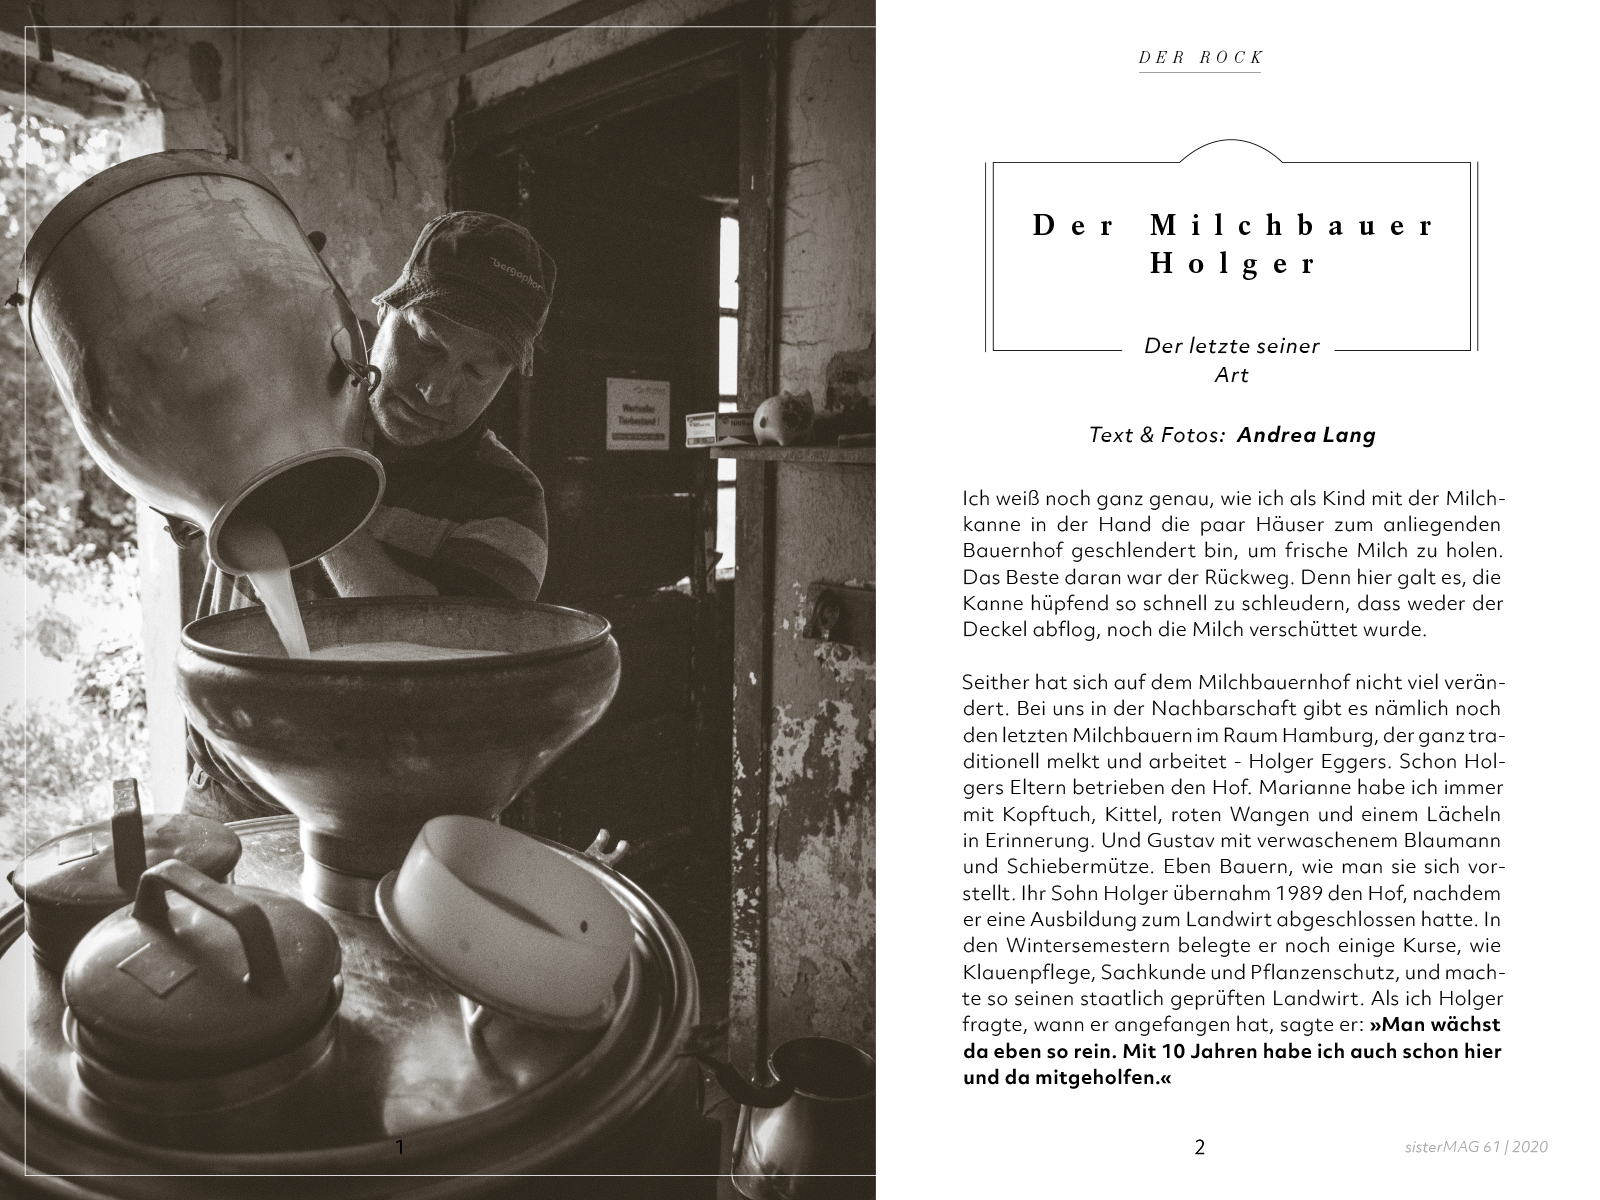 Der Milchbauer Holger, sisterMAG Artikel